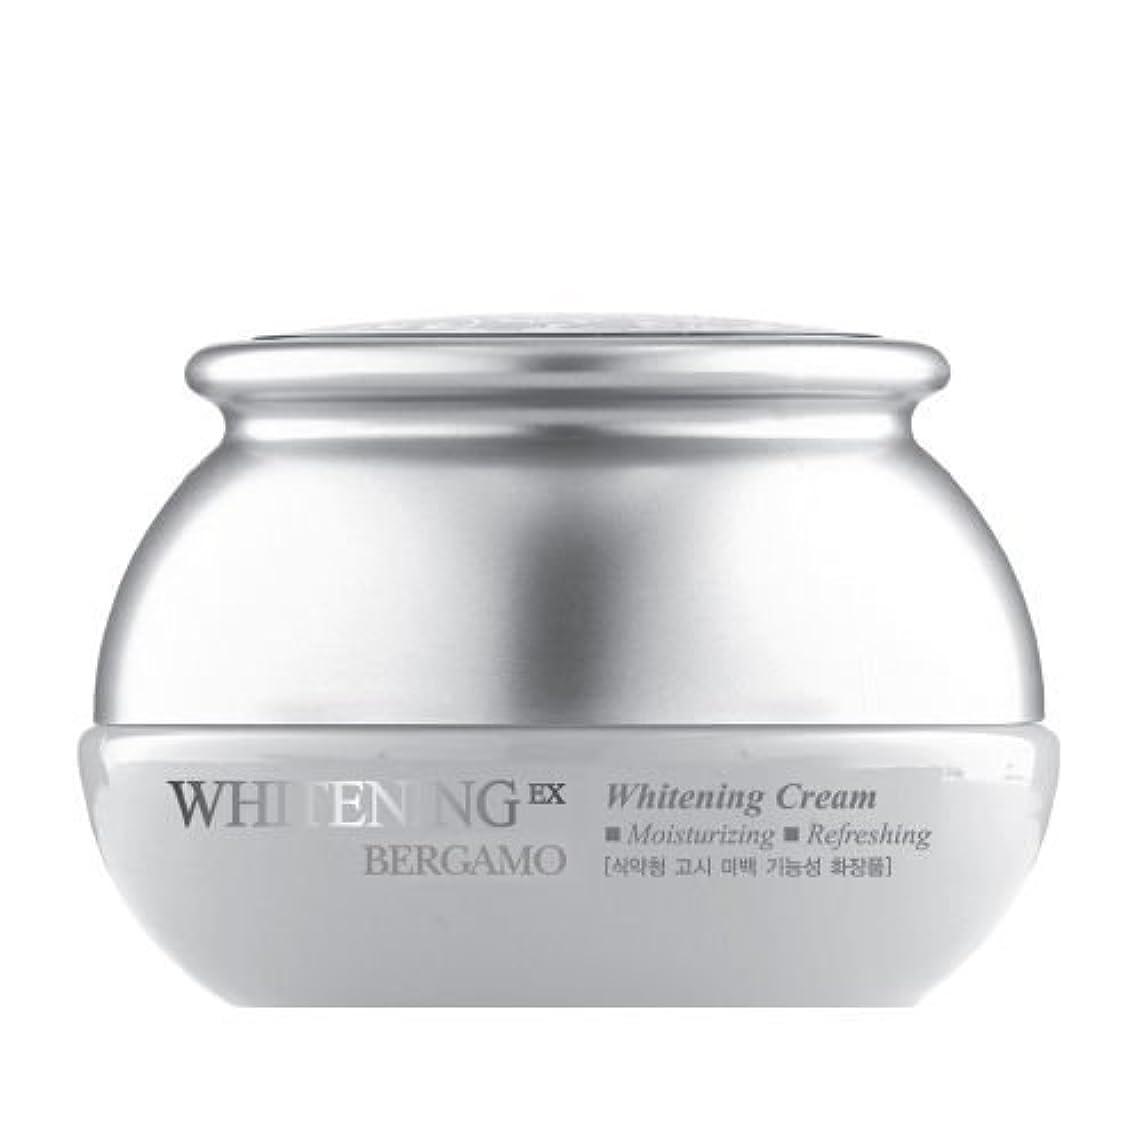 本質的に奇跡的な東ベルガモ[韓国コスメBergamo]Whitening EX Wrinkle Care Cream ホワイトニングEXリンクルケアクリーム50ml しわ管理 [並行輸入品]